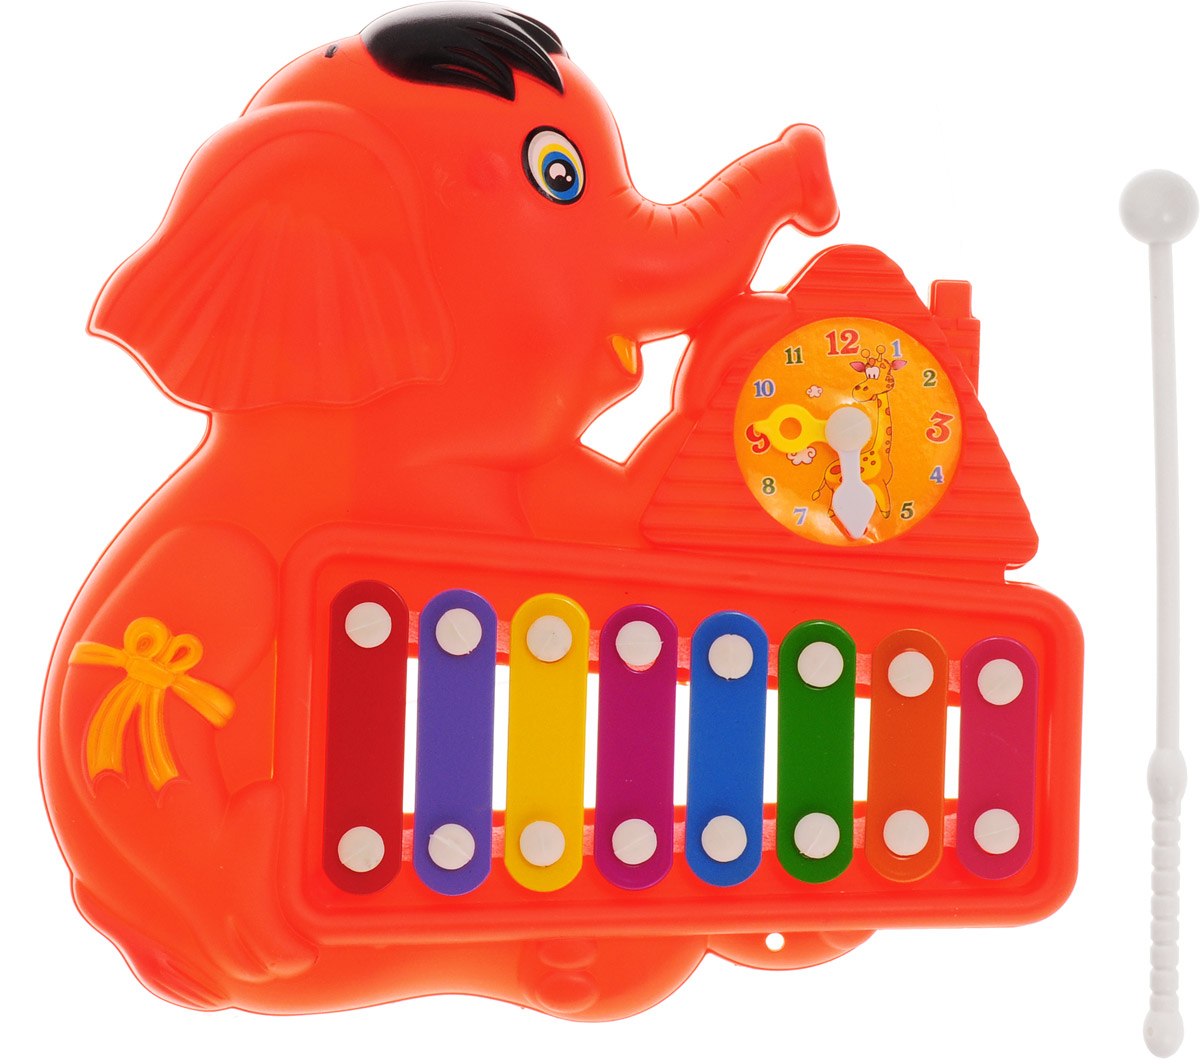 Veld-Co Металлофон Слоник цвет красный детский музыкальный инструмент djeco металлофон кот 06002